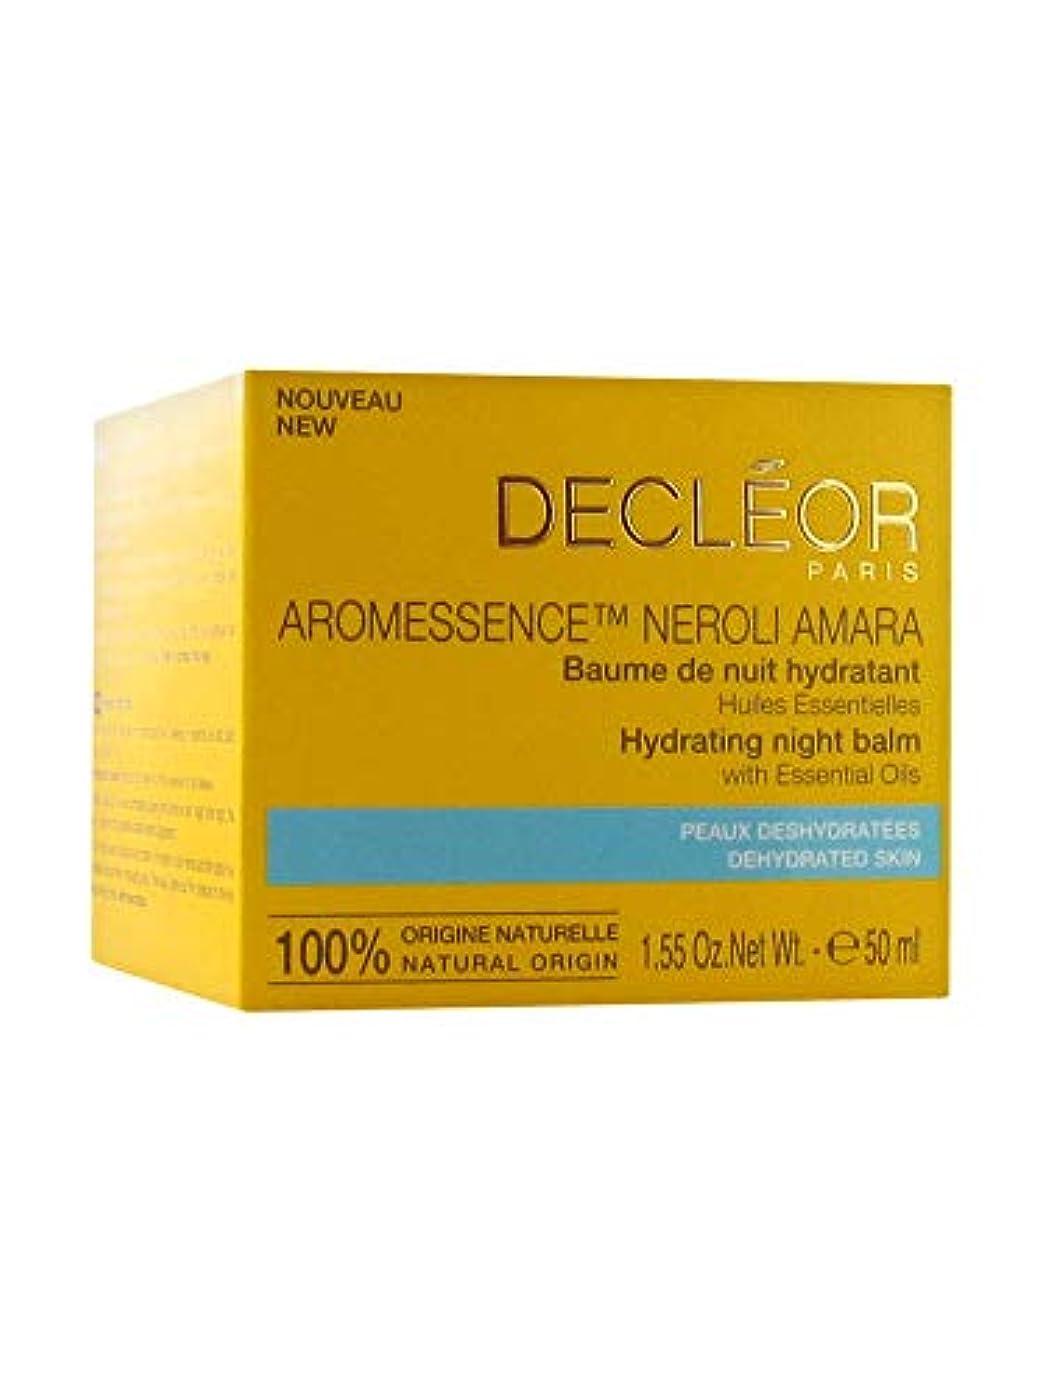 忌まわしい教え定刻デクレオール Aromessence Neroli Amara Hydrating Night Balm - For Dehydrated Skin 50ml/1.55oz並行輸入品